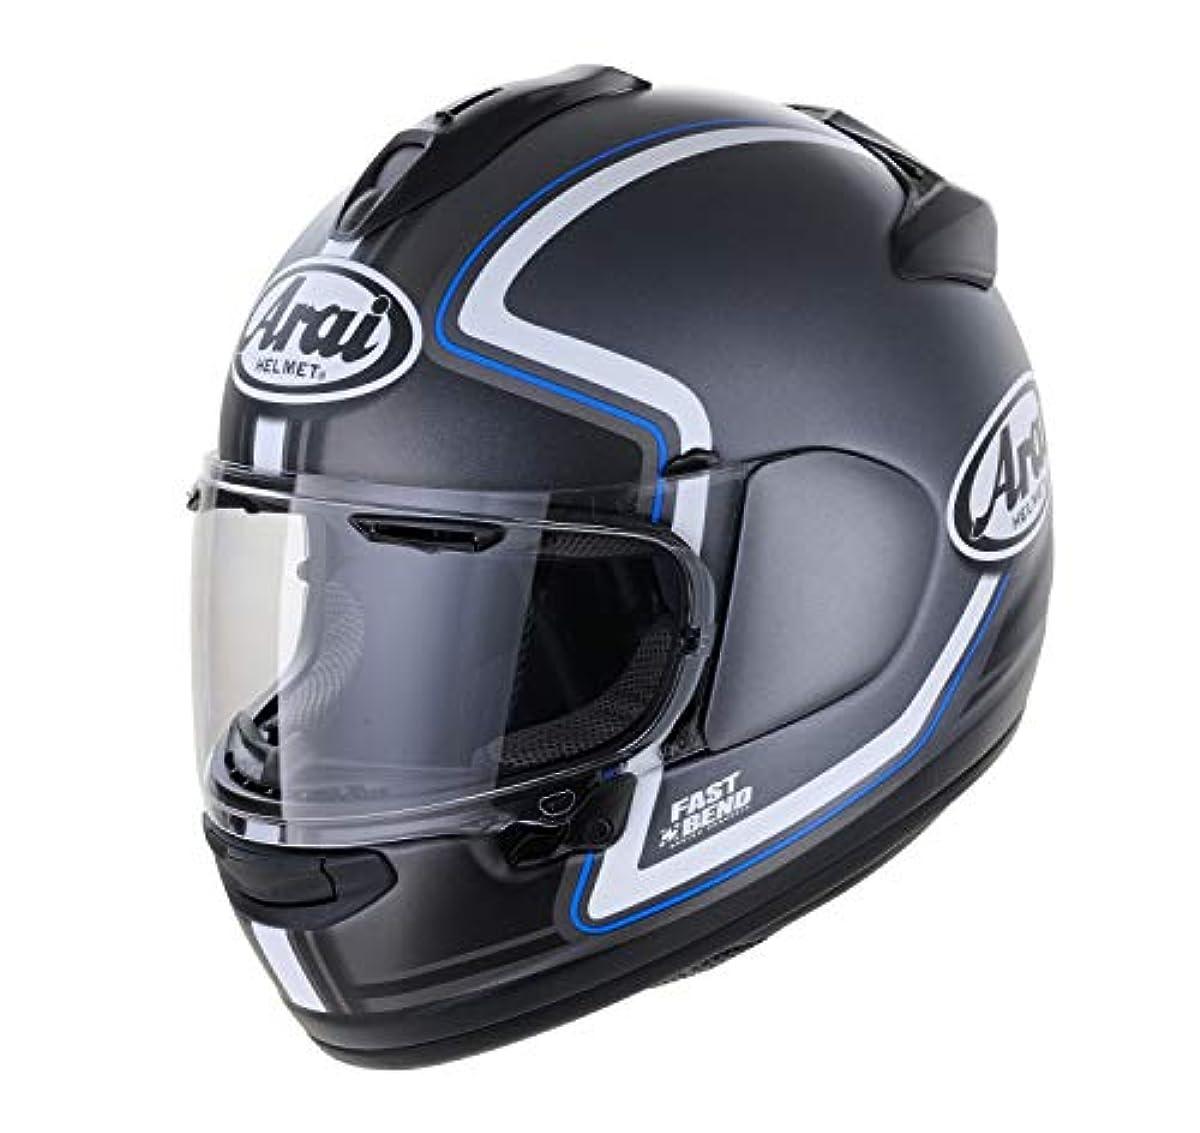 [해외] ARAI 아라이 헬멧(아라이) 오토바이 헬멧 풀 페이스 VECTOR-X TROPHY(트로피) 블루 L 59-60CM VECTOR-X TROPHY